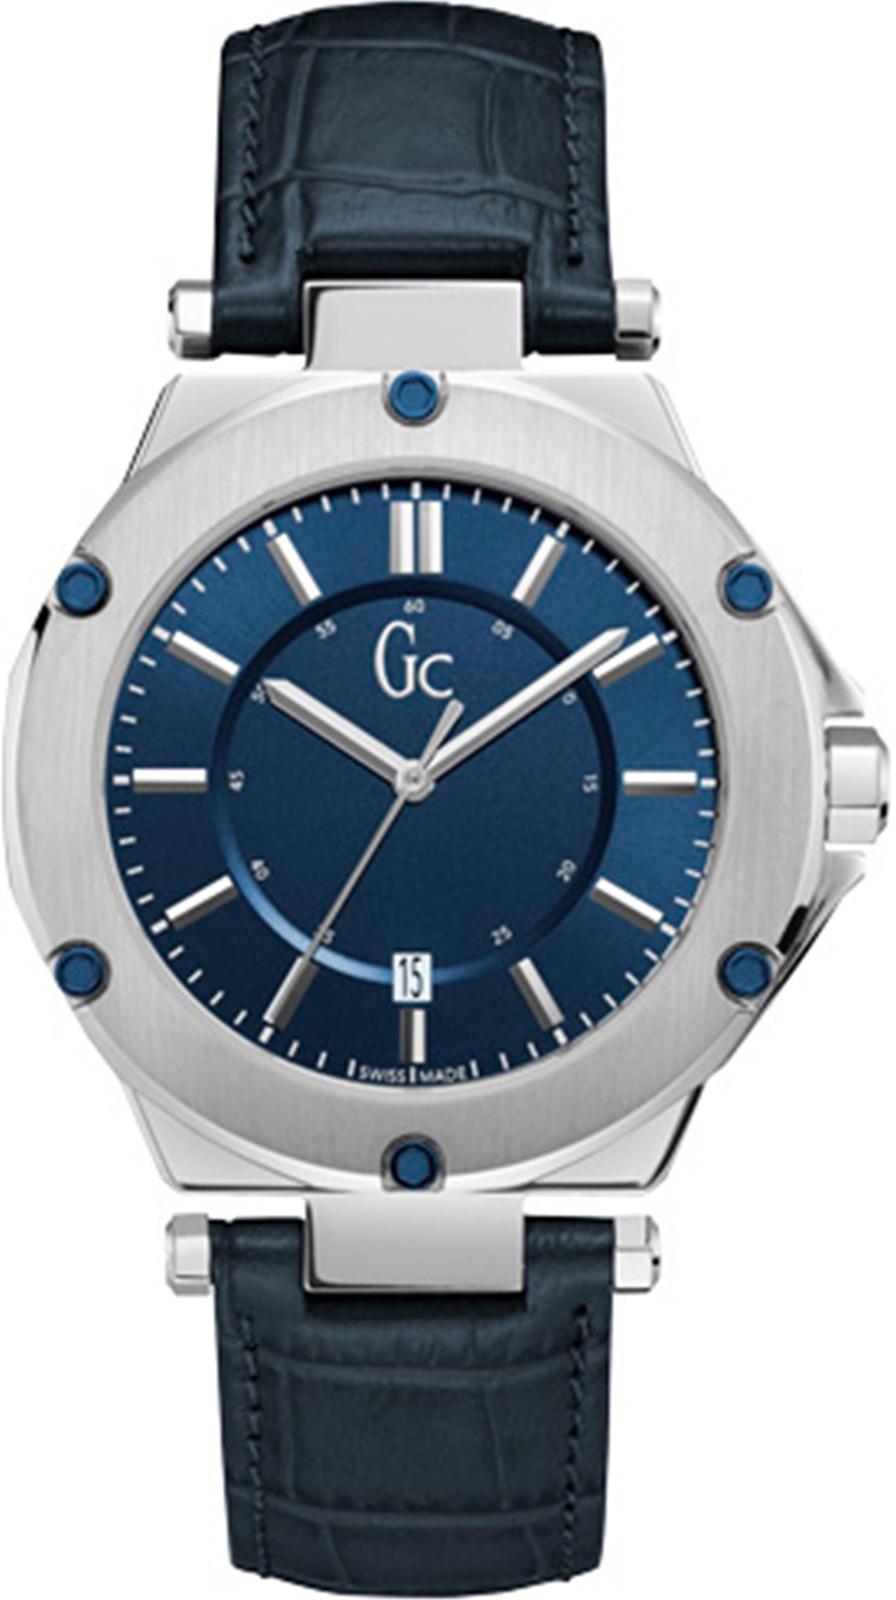 Наручные часы Gc Gc-3